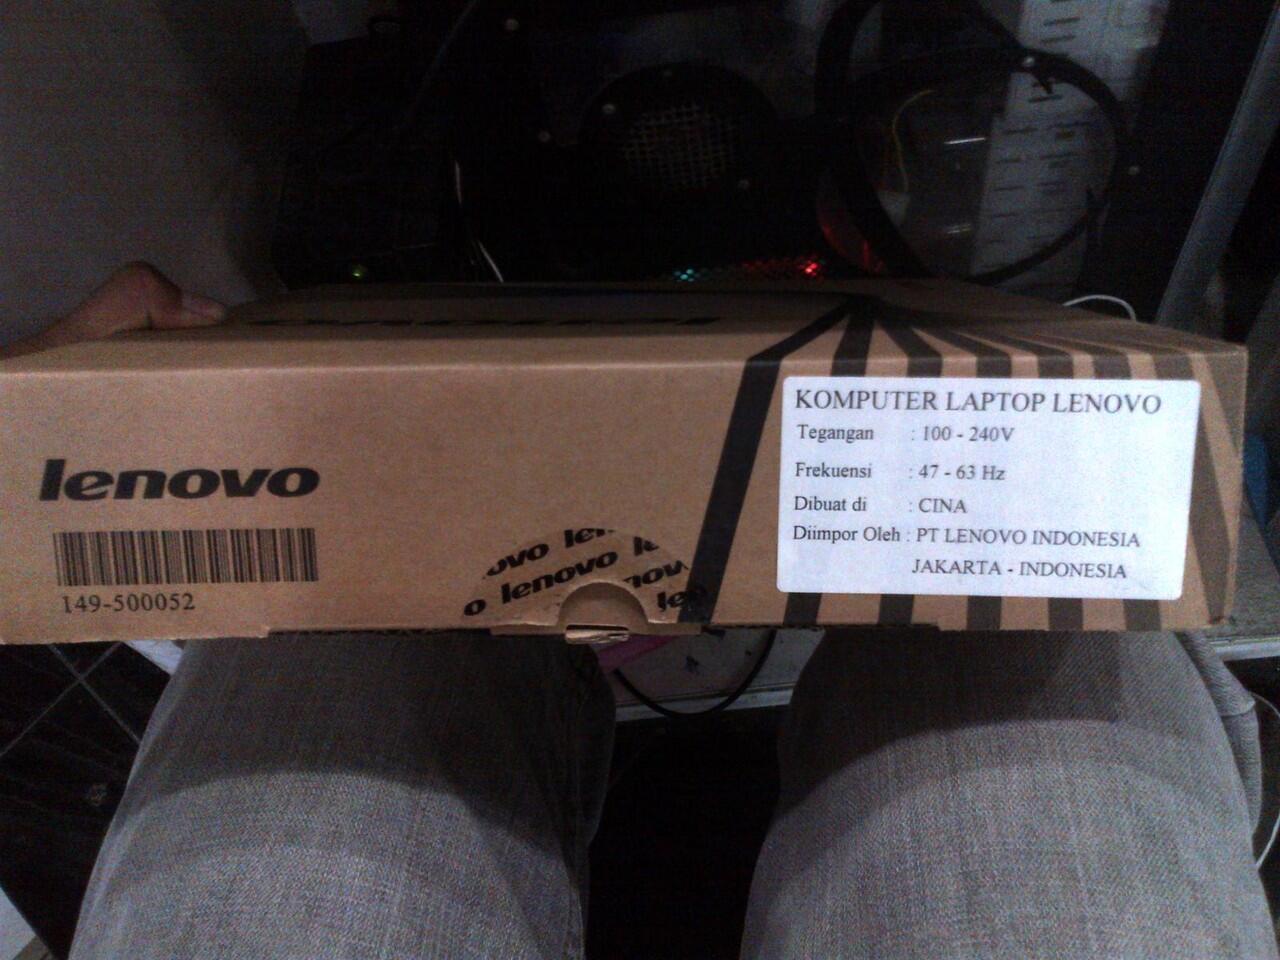 Jual Netbook LENOVO IdeaPad S110 59333035 10.1 Inch baru seminggu pakai Like New